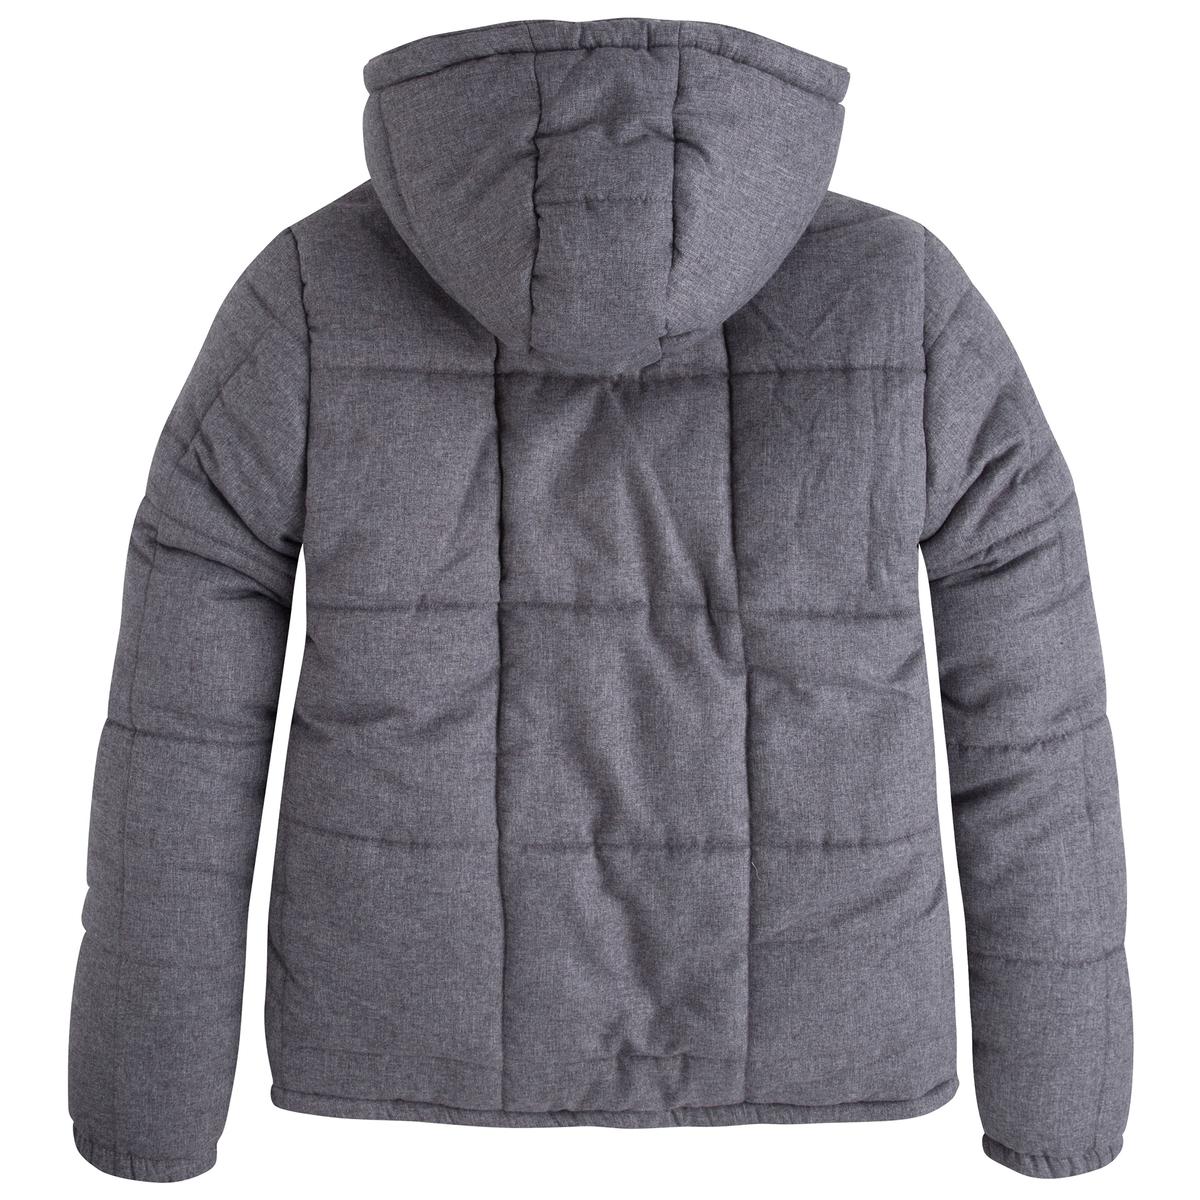 Куртка стёганая с капюшономСтёганая куртка с длинными рукавами и капюшоном PEPE JEANS. Прямой покрой, круглый вырез с капюшоном. Застежка на молнию. 2 кармана по бокам. Края капюшона на кулиске.Состав и описание :Материал : 100% полиэстера Марка : PEPE JEANS<br><br>Цвет: серый меланж